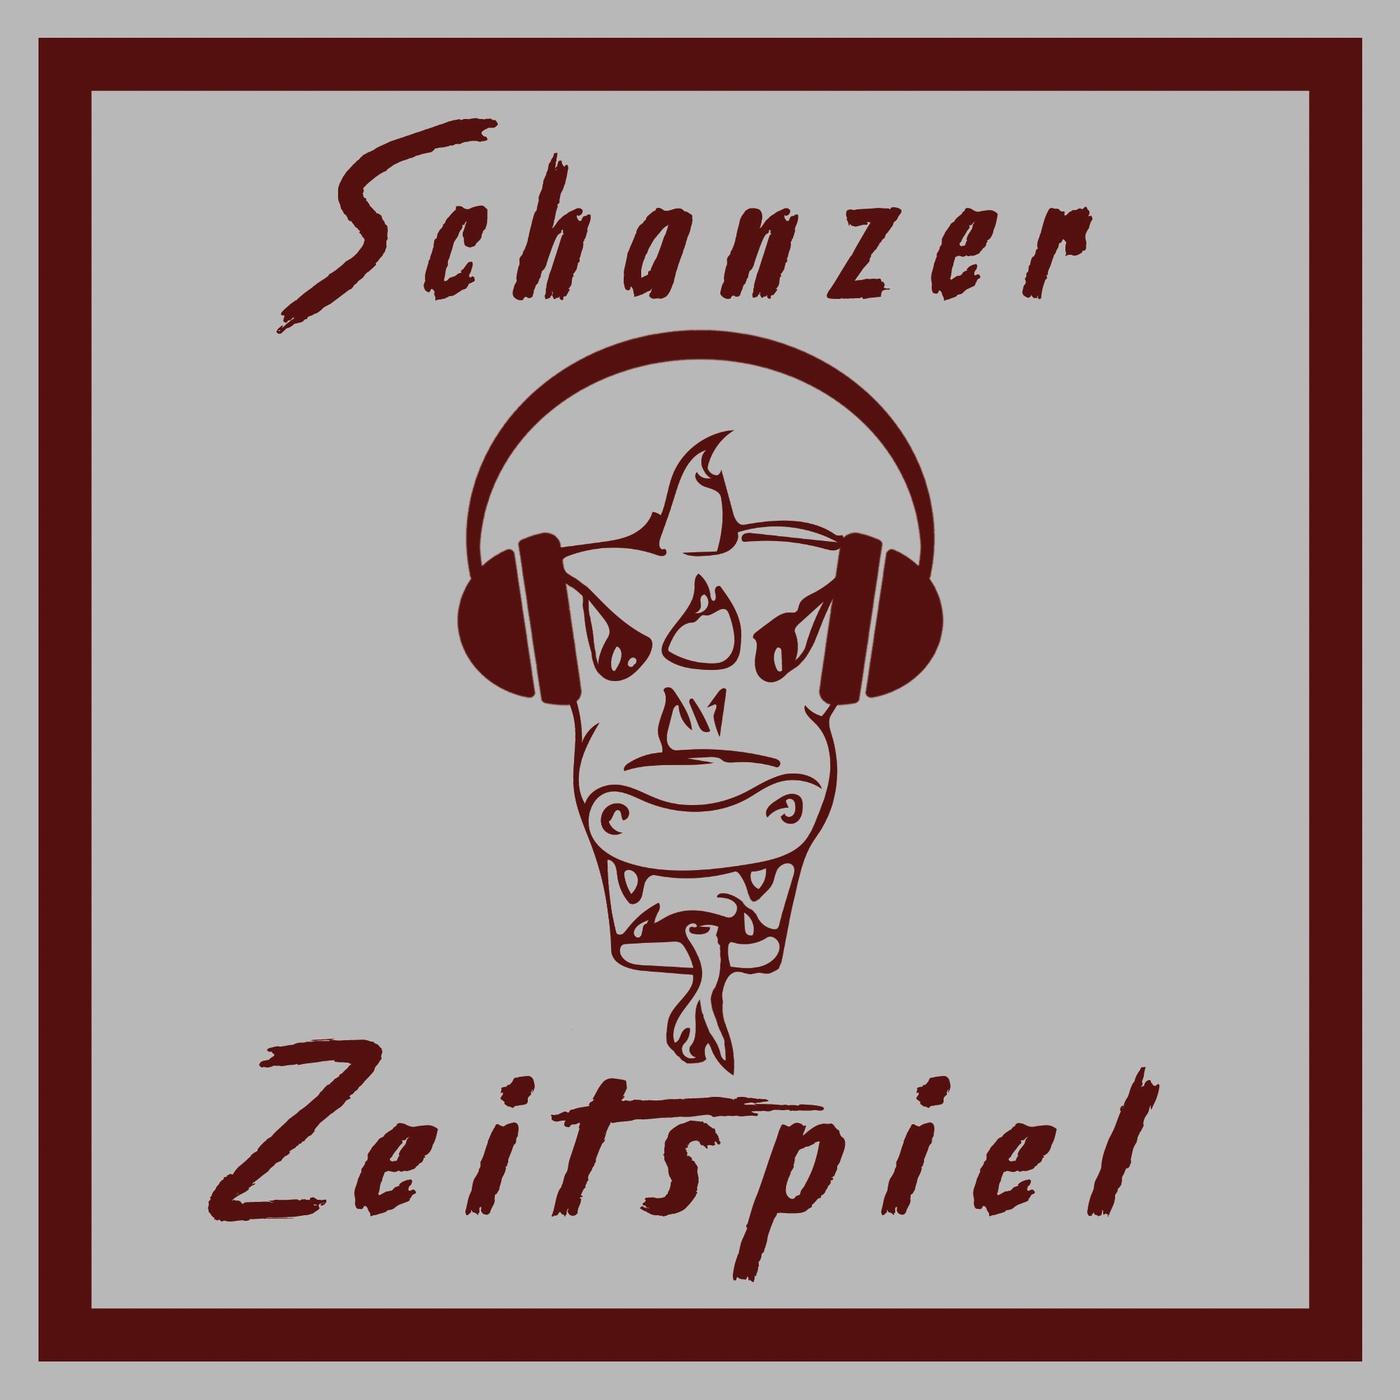 Schanzer Zeitspiel | Episode 37 | Aller guten Dinge